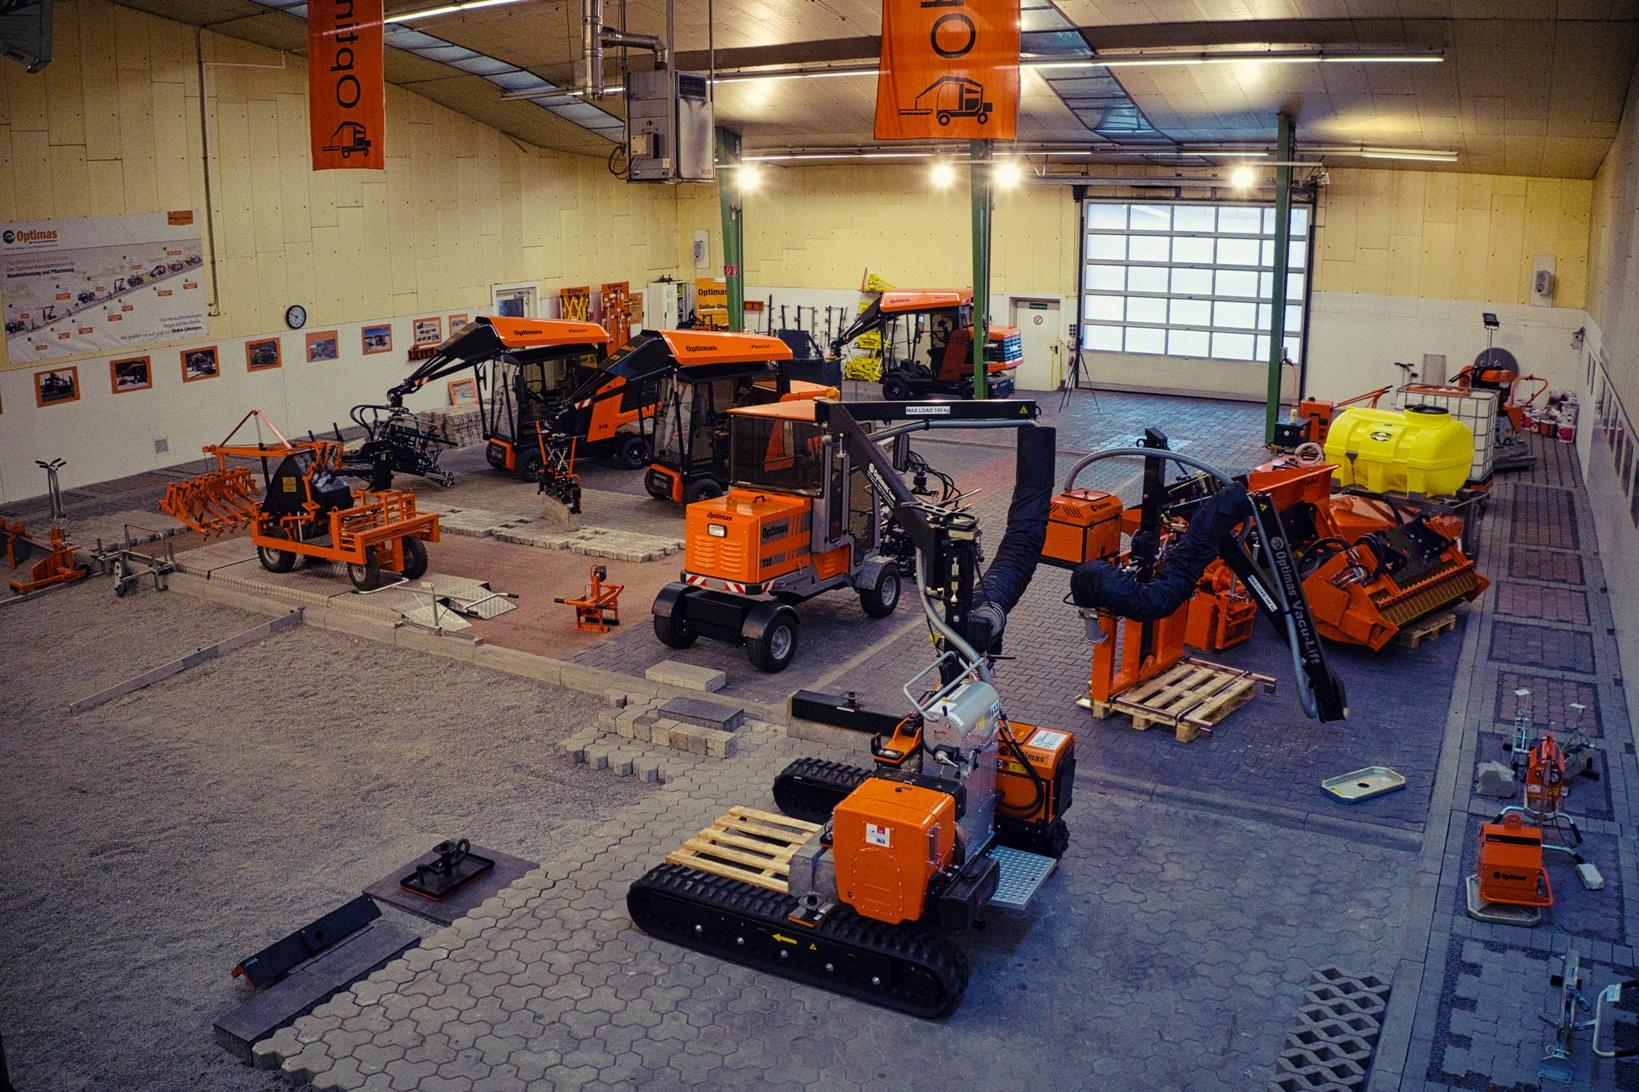 Optimas Besucherzentrum (Bildquelle: Optimas GmbH)